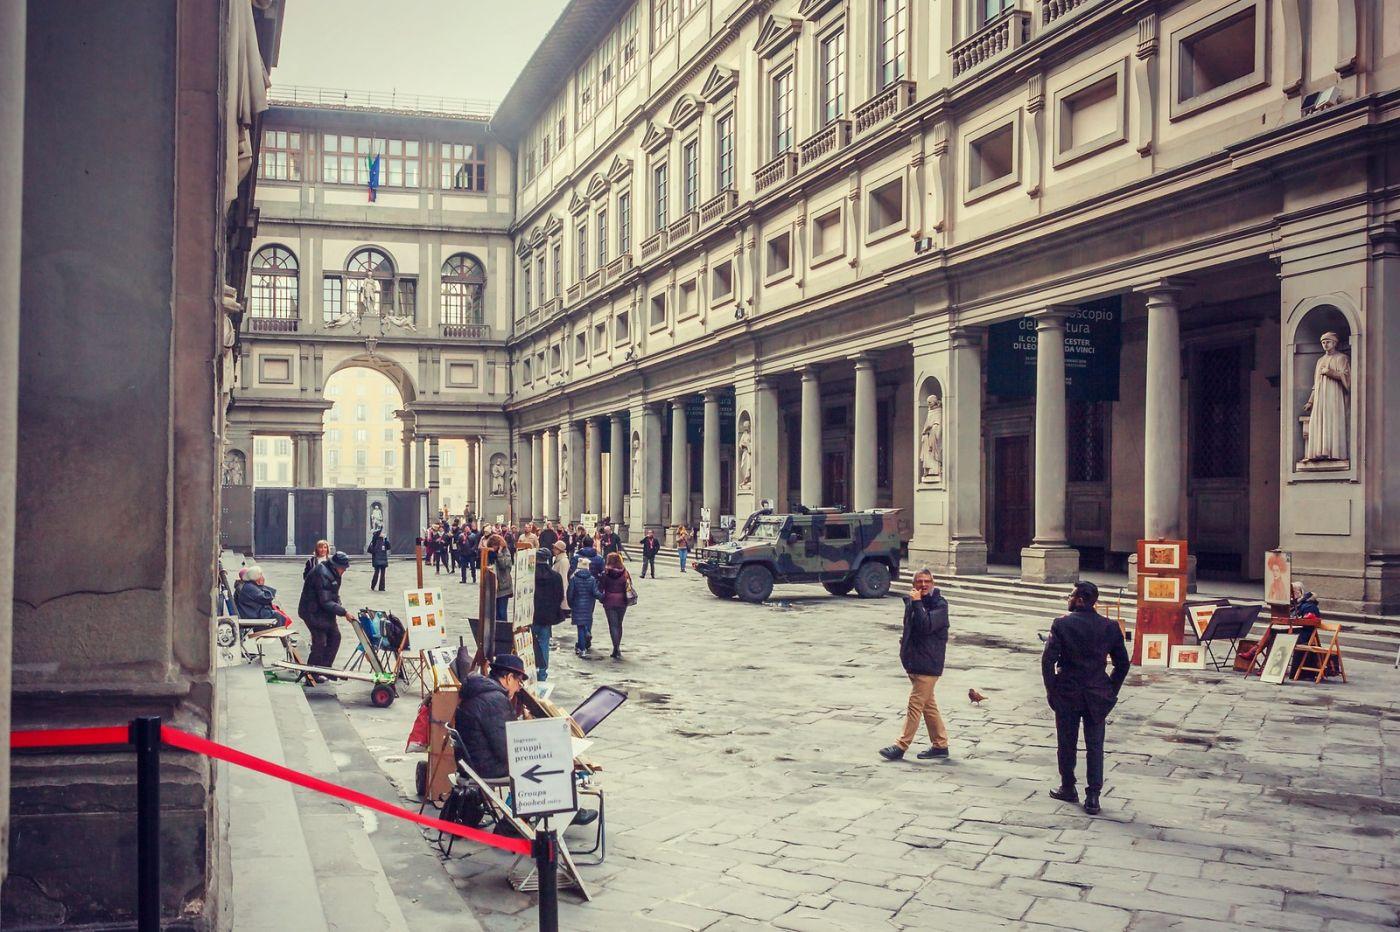 意大利佛罗伦斯乌菲兹美术馆, 进去看一看_图1-4